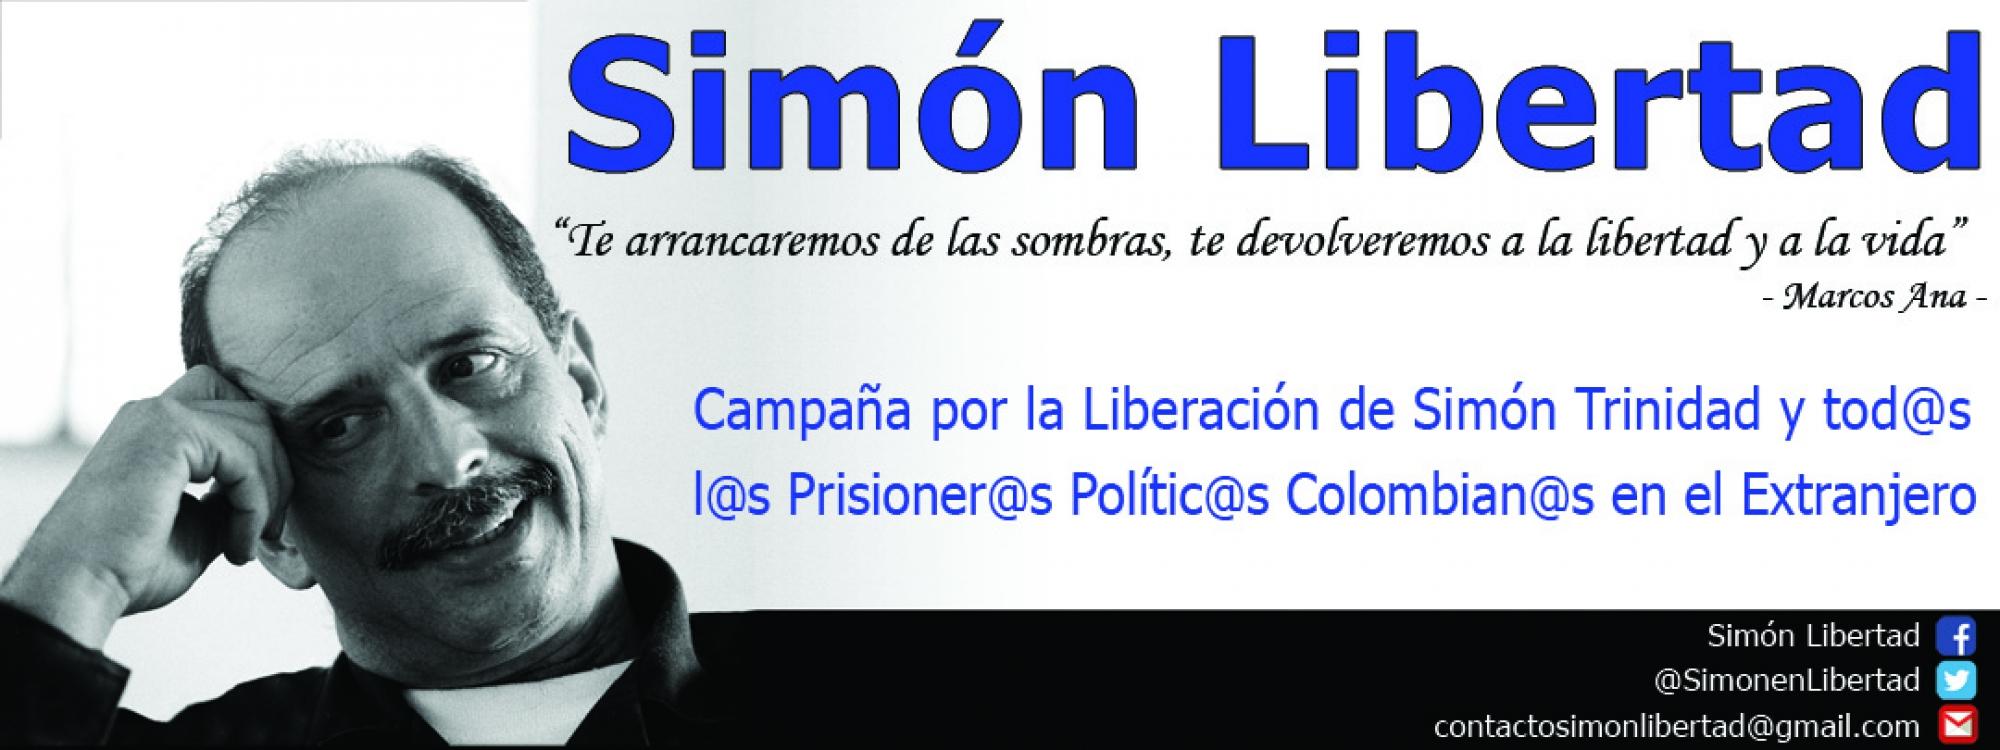 Banner de la campaña de Simón Trinidad